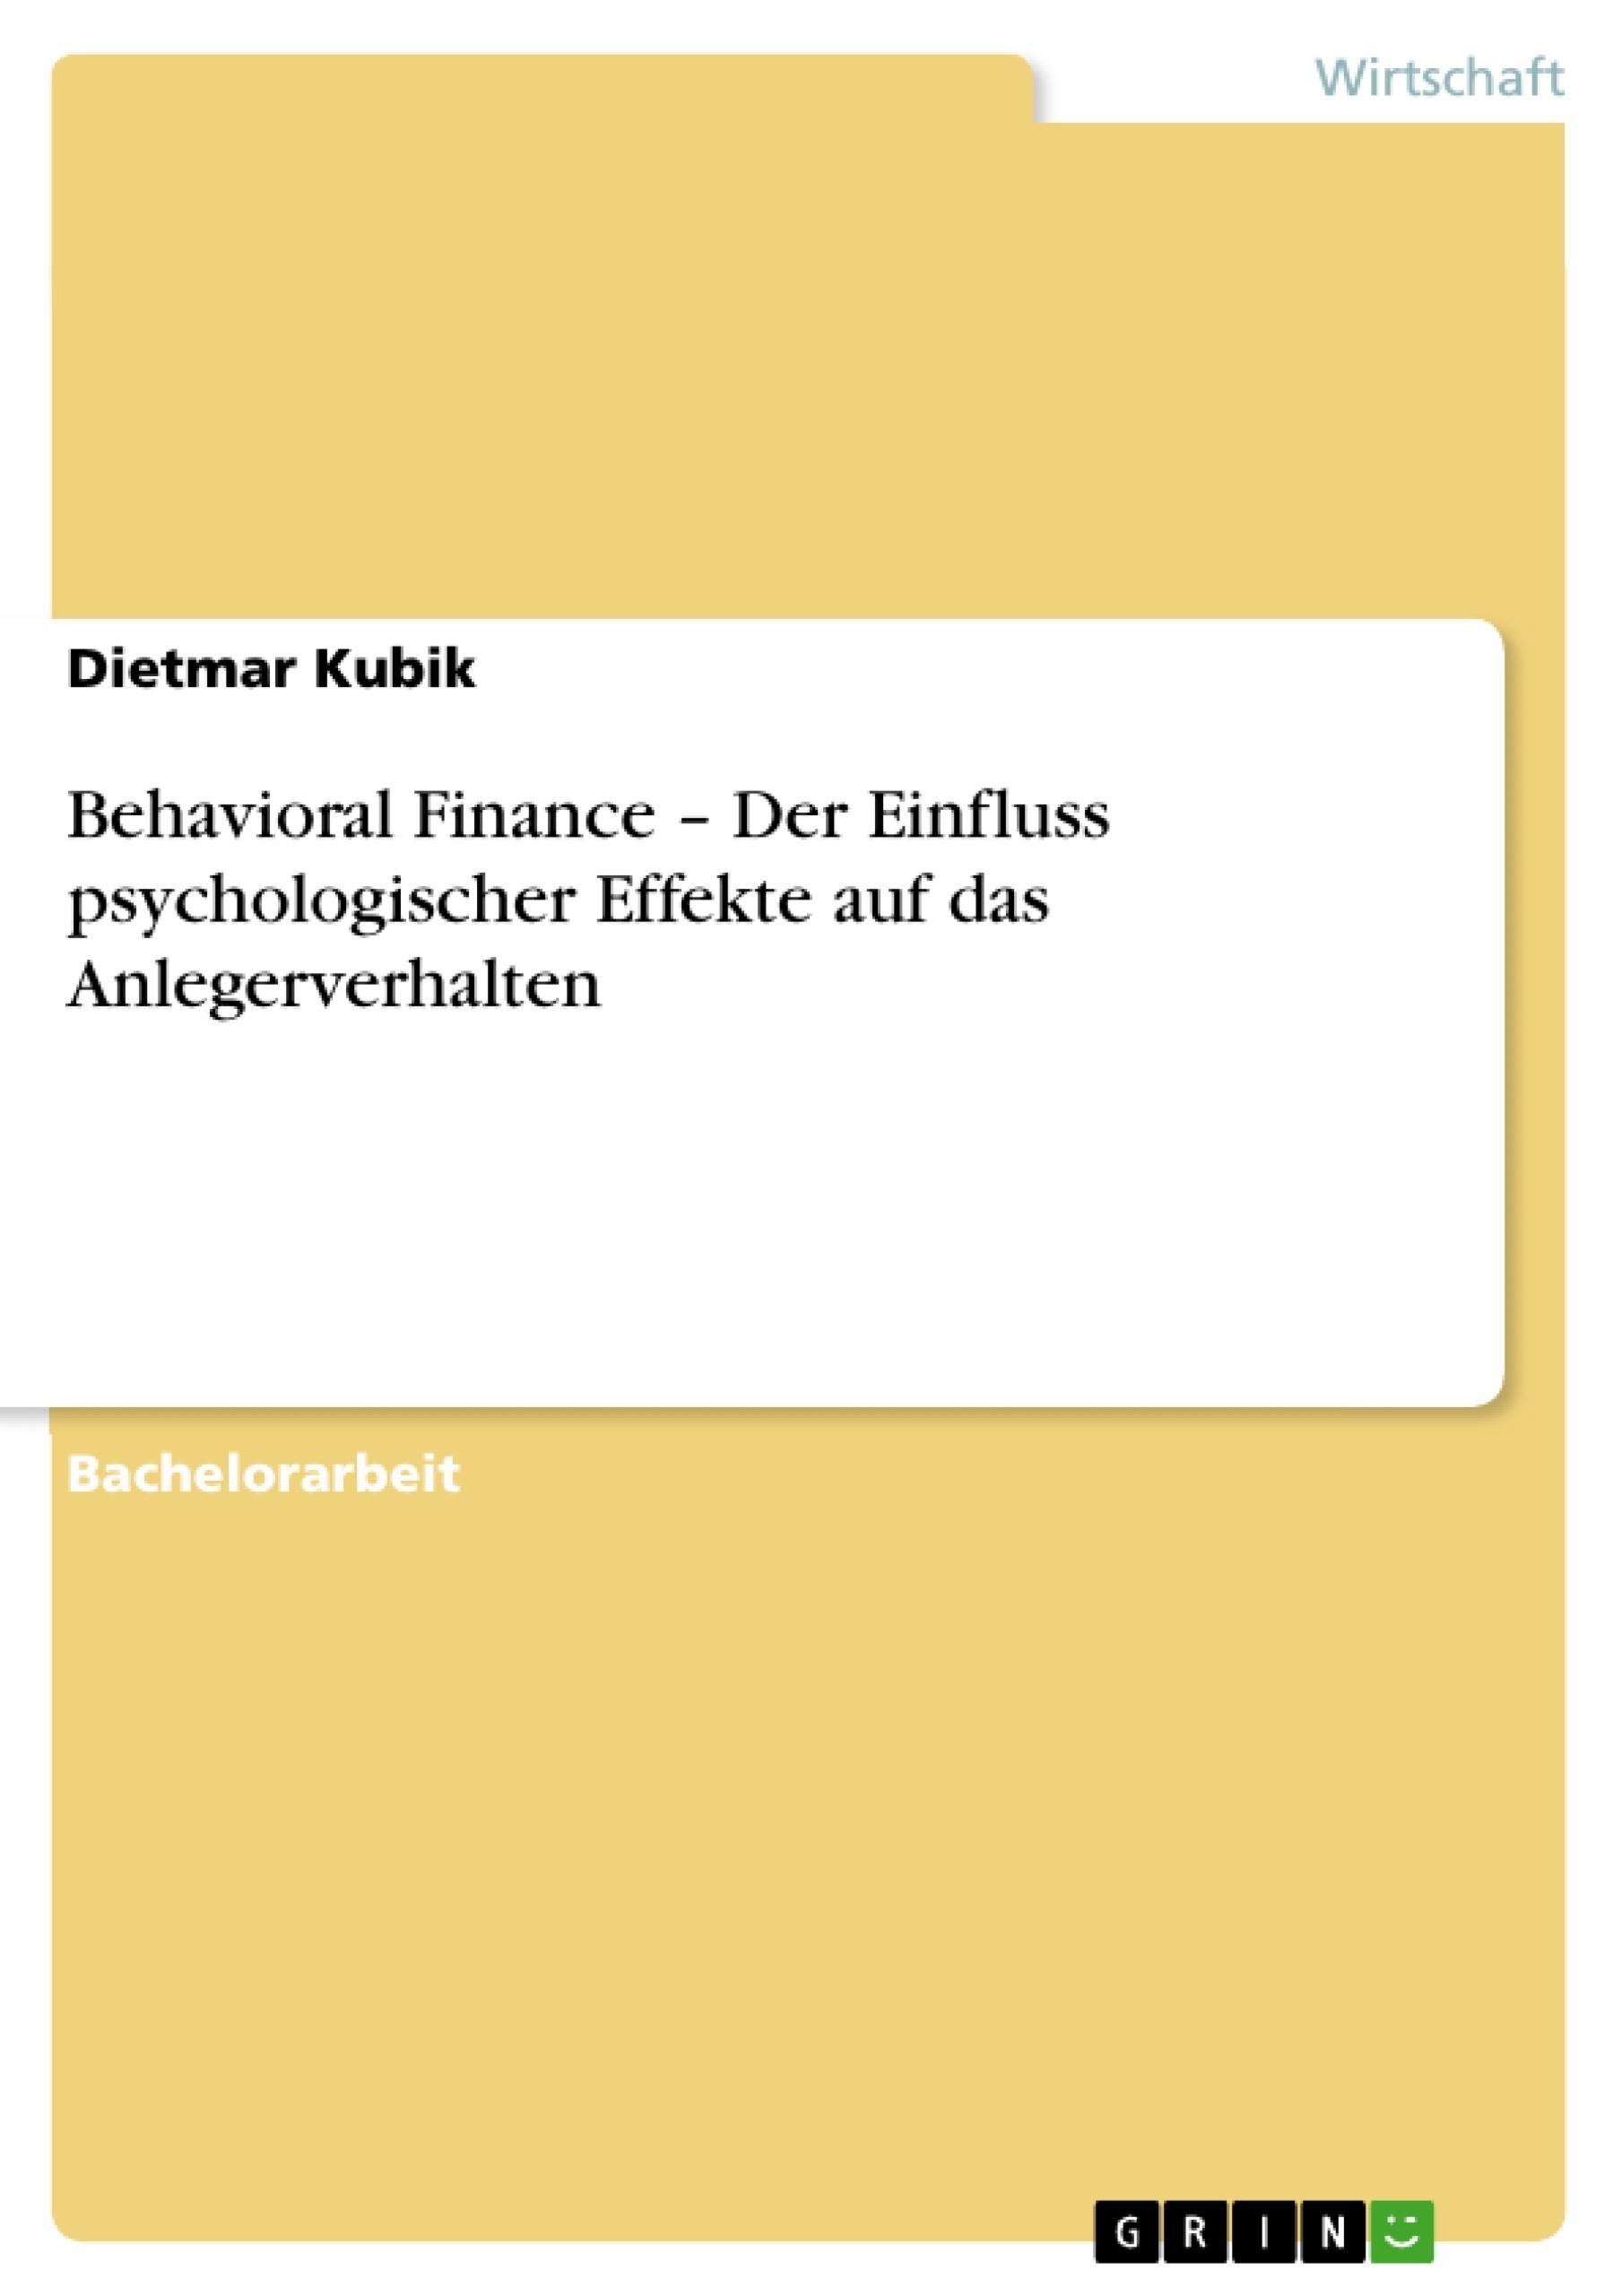 Titel: Behavioral Finance – Der Einfluss psychologischer Effekte auf das Anlegerverhalten